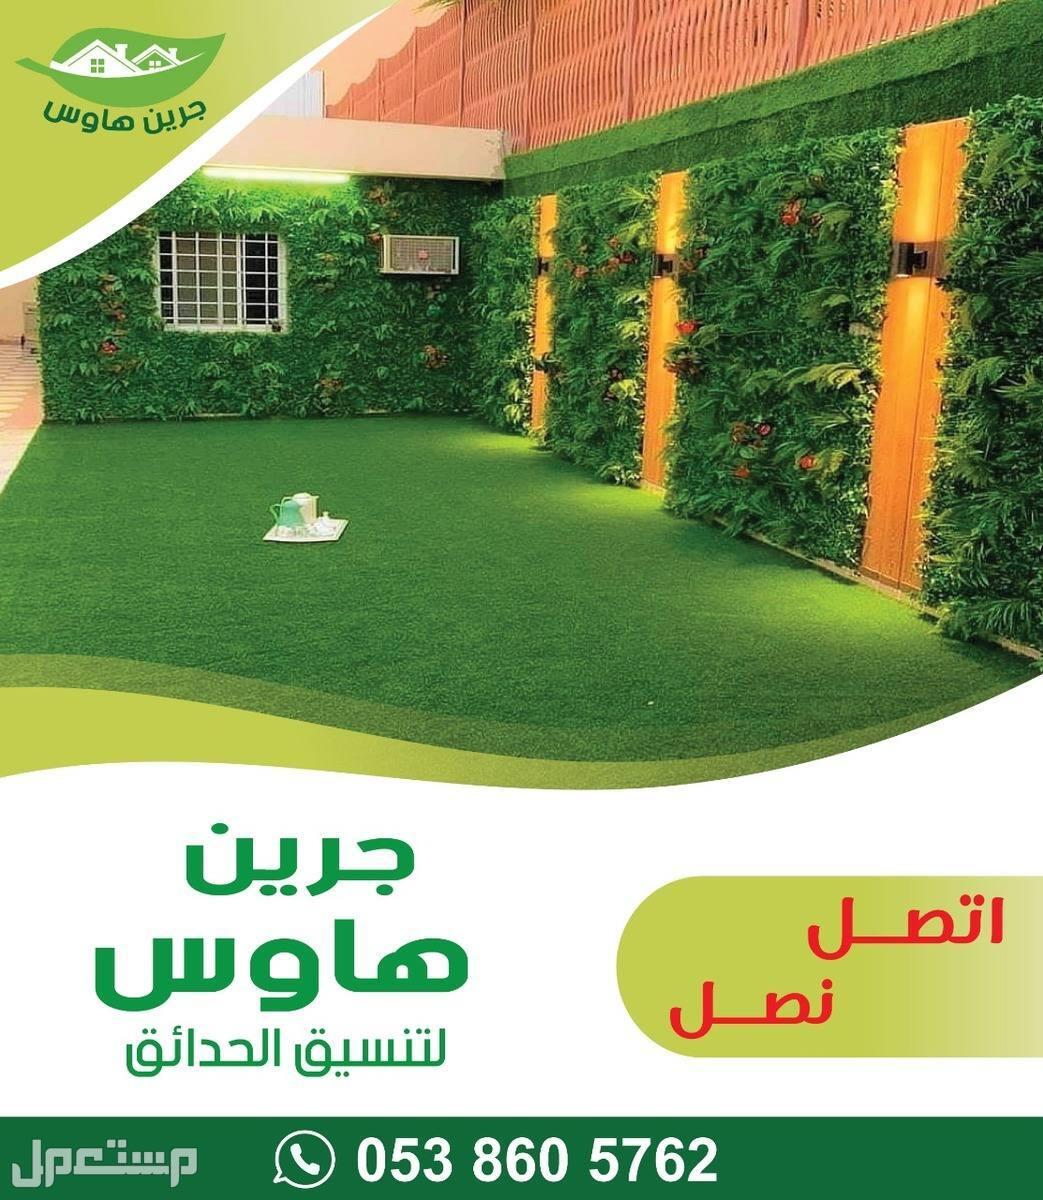 حرق أسعار ديكورات تنسيق الحدائق المختلفة مع الضمان (اتصل نصل) تنسيق حدائق - ثيل - عشب طبيعي - عشب صناعي - ديكور حدائق - مظلات - شلالات - نجيله